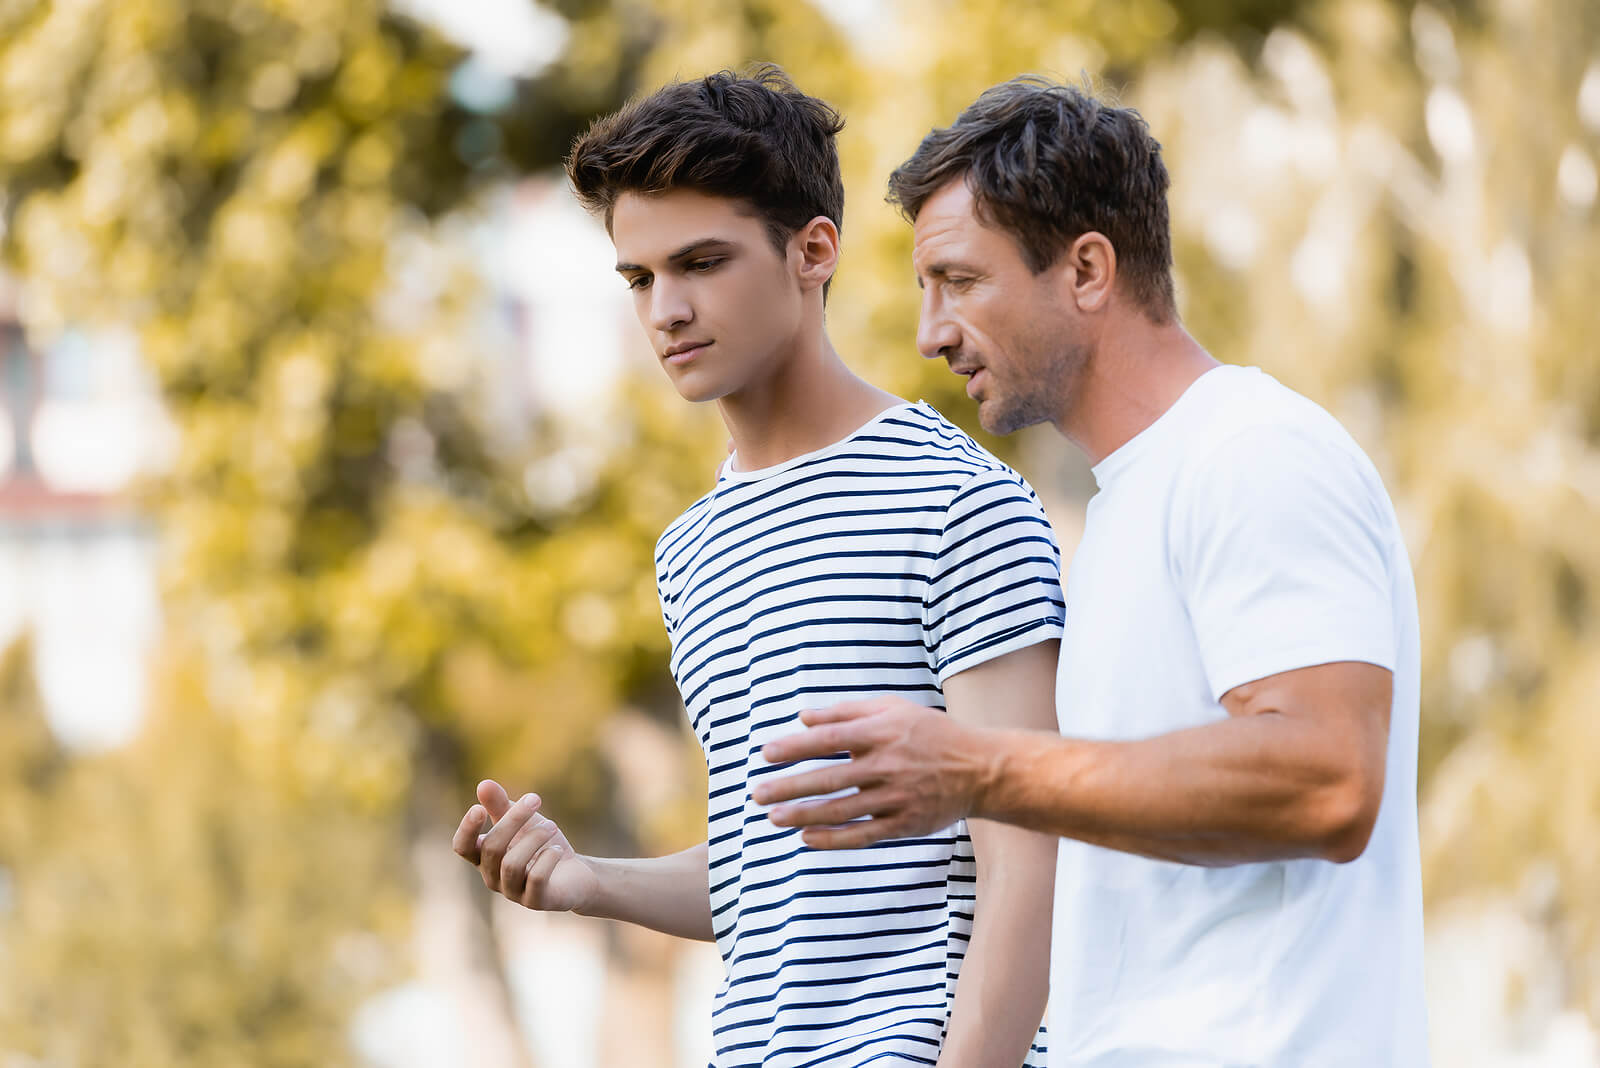 Padre hablando con su hijo para conocerlo mejor.